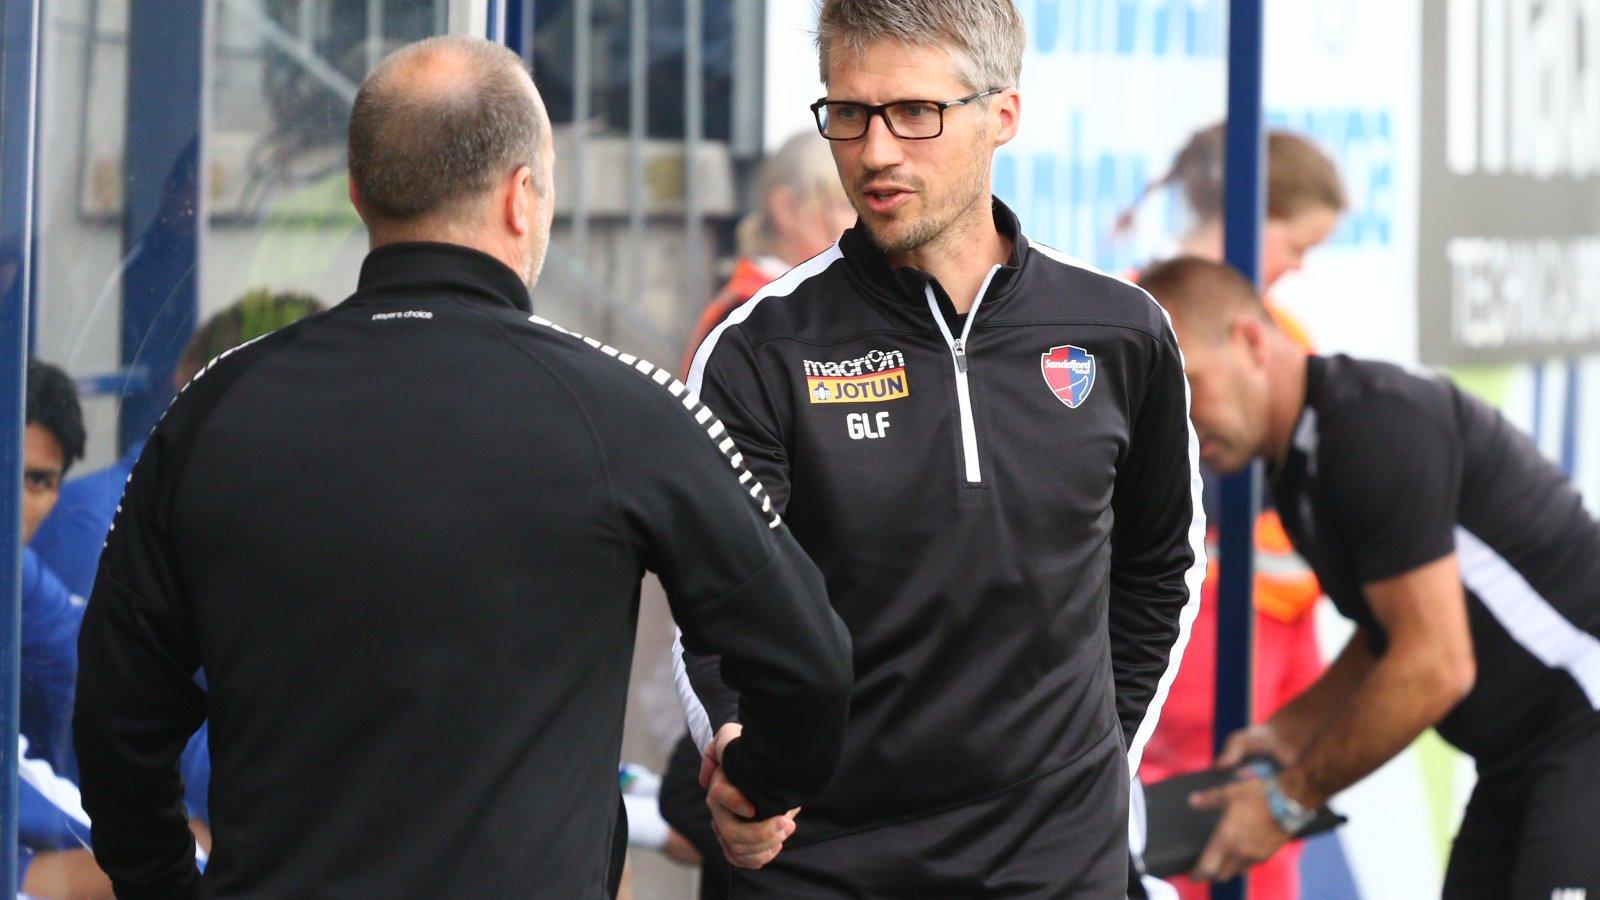 Trener Geir Ludvig Fevang hilser på Sarpsborgs trener Geir Bakke før kampen. (Foto: Torstein Flåm)